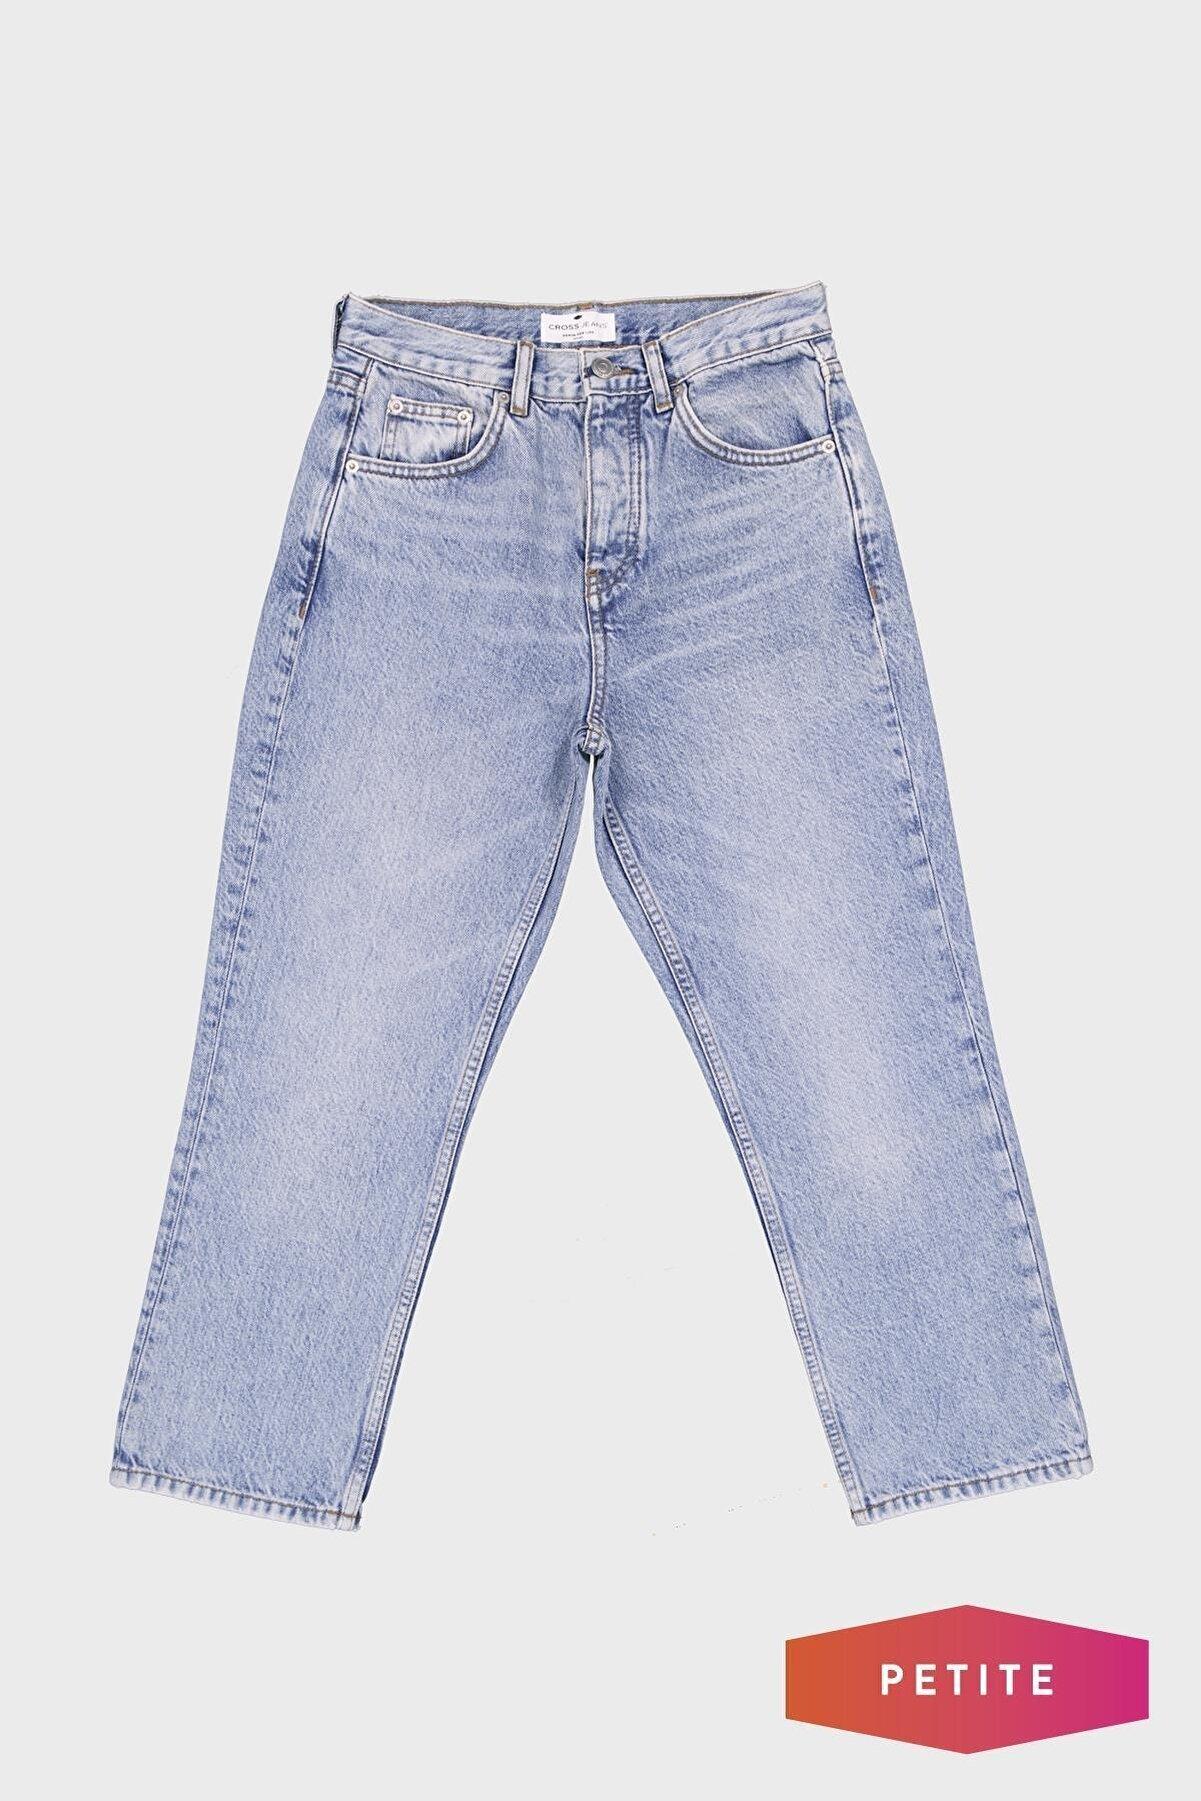 CROSS JEANS Kadın Mavi Yüksek Bel Straight Fit Patı Düğmeli Jean Pantolon